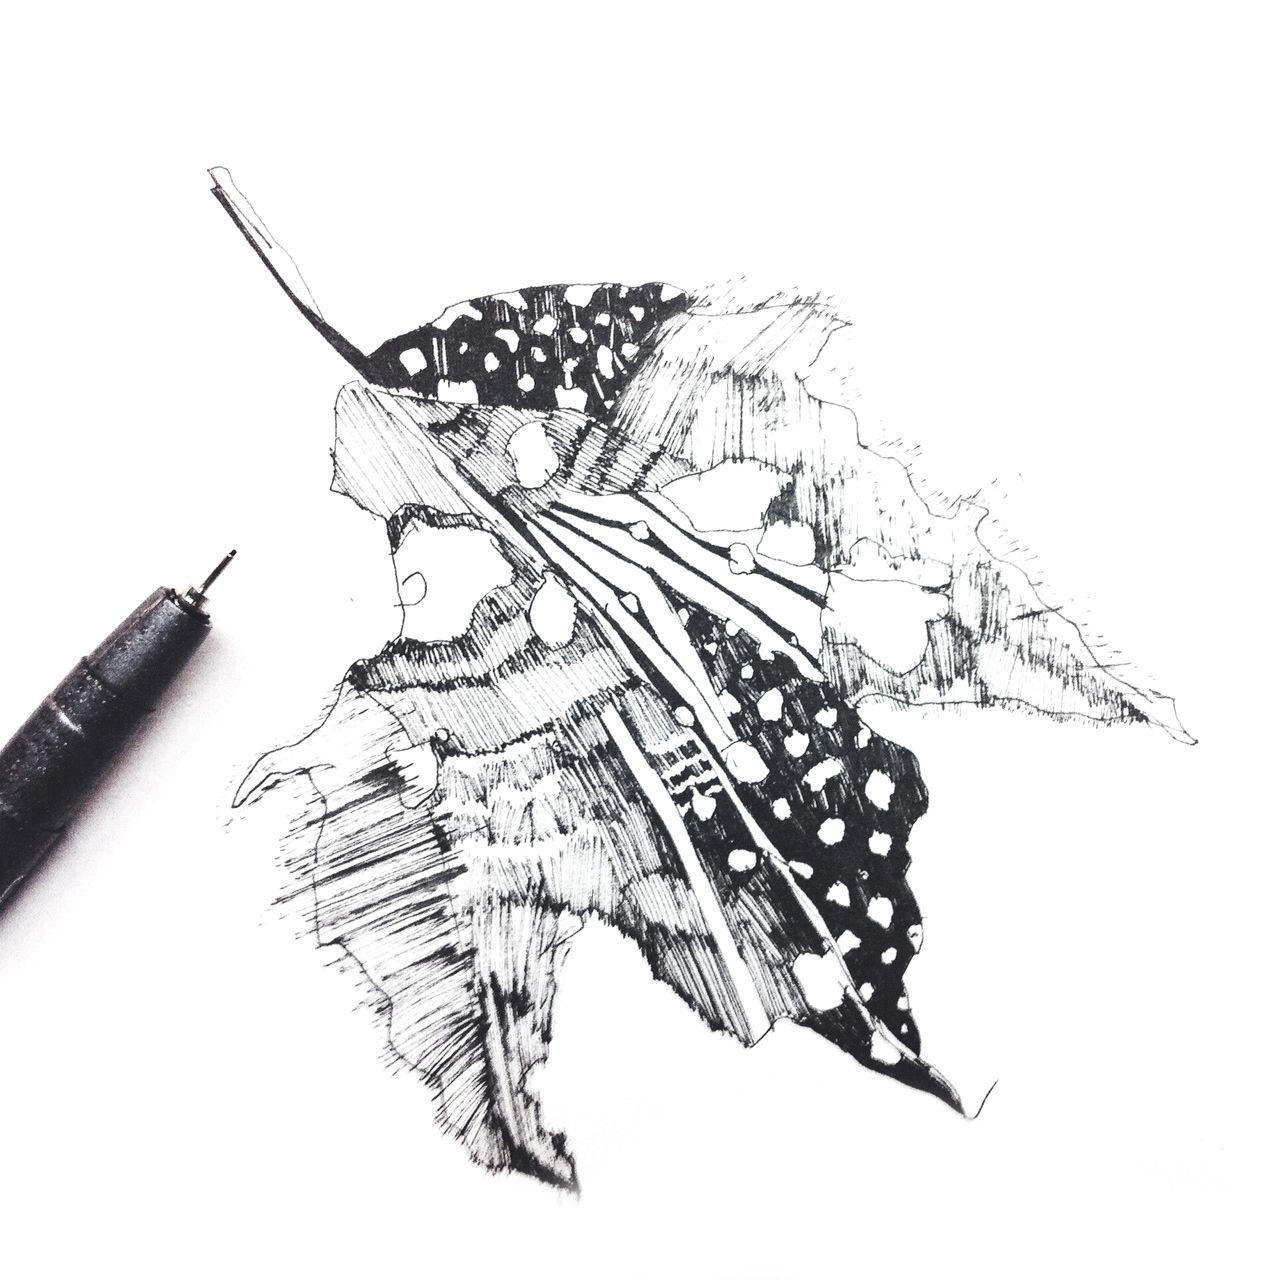 """lee schein's illustration """"Sketching in Chicago"""" http://www.leeschein.com/sketchbook/"""